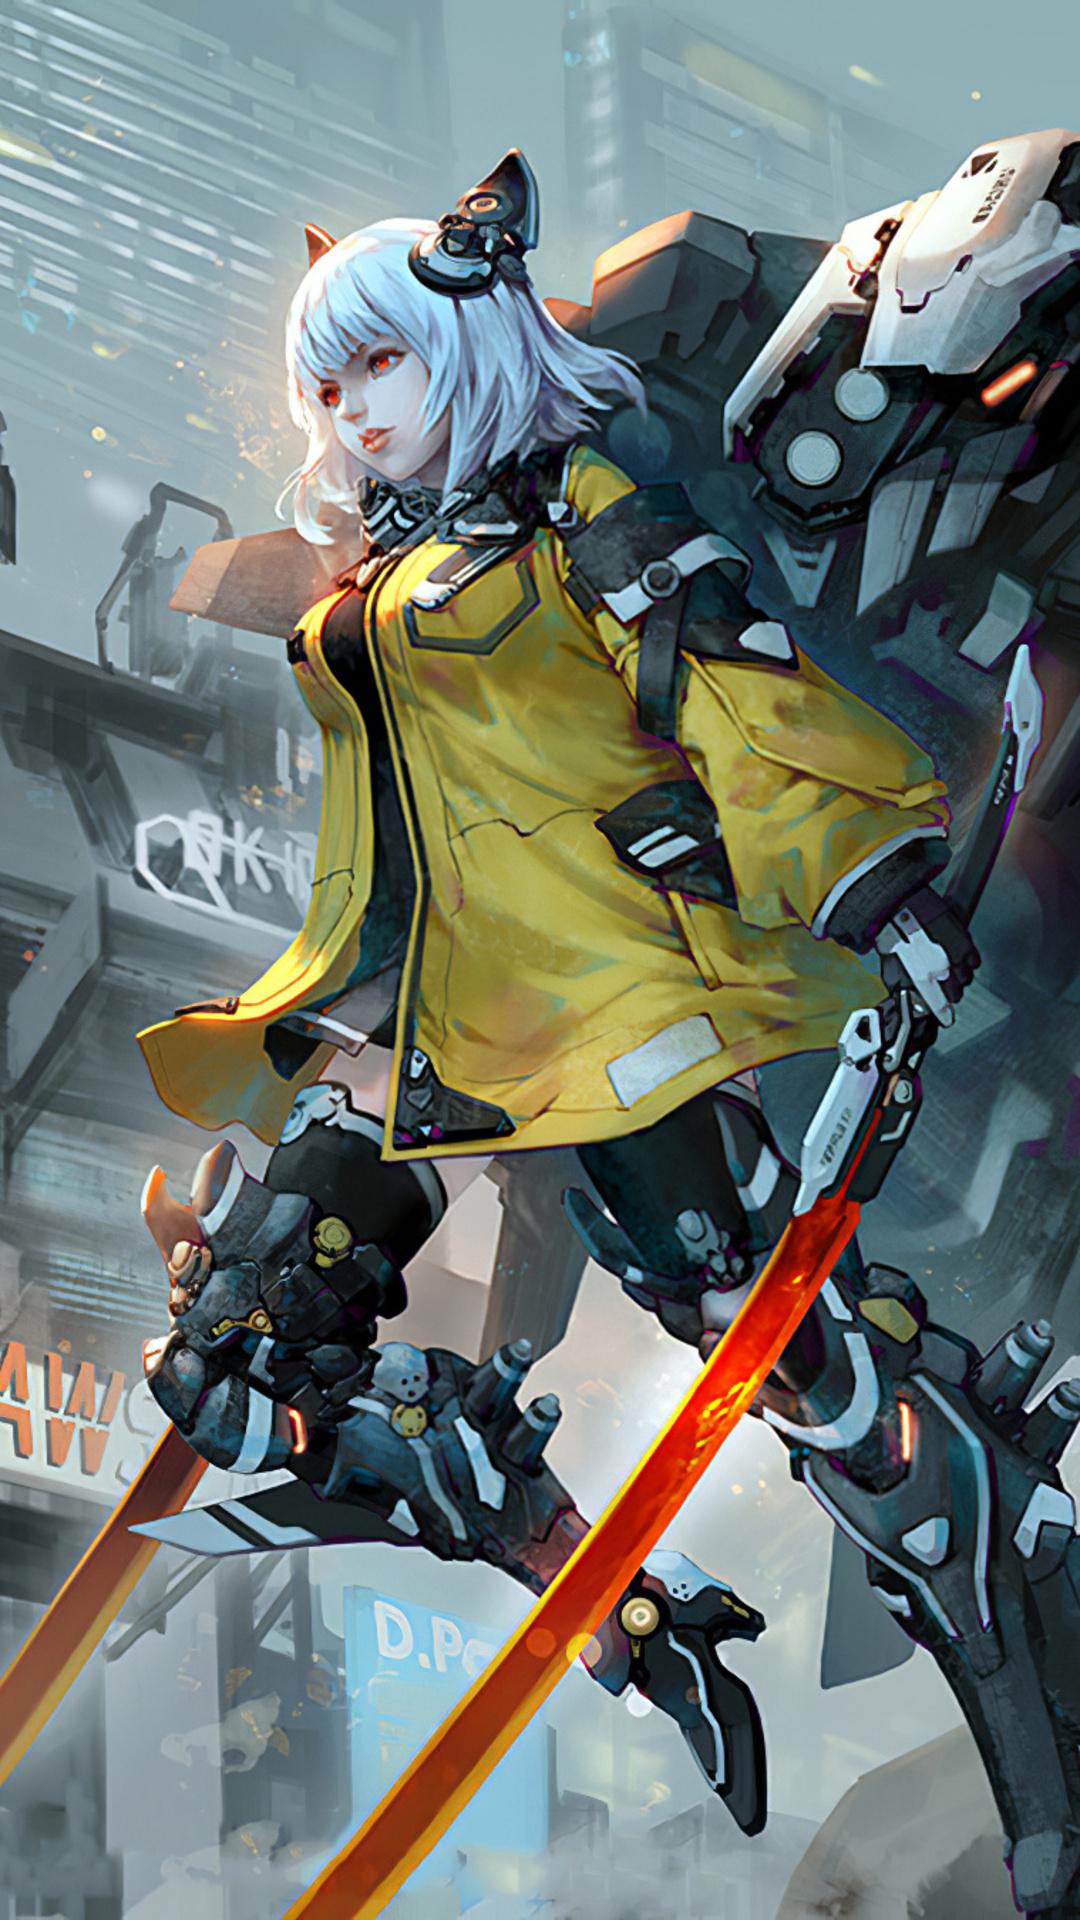 girl-cyberpunk-tech-1r.jpg